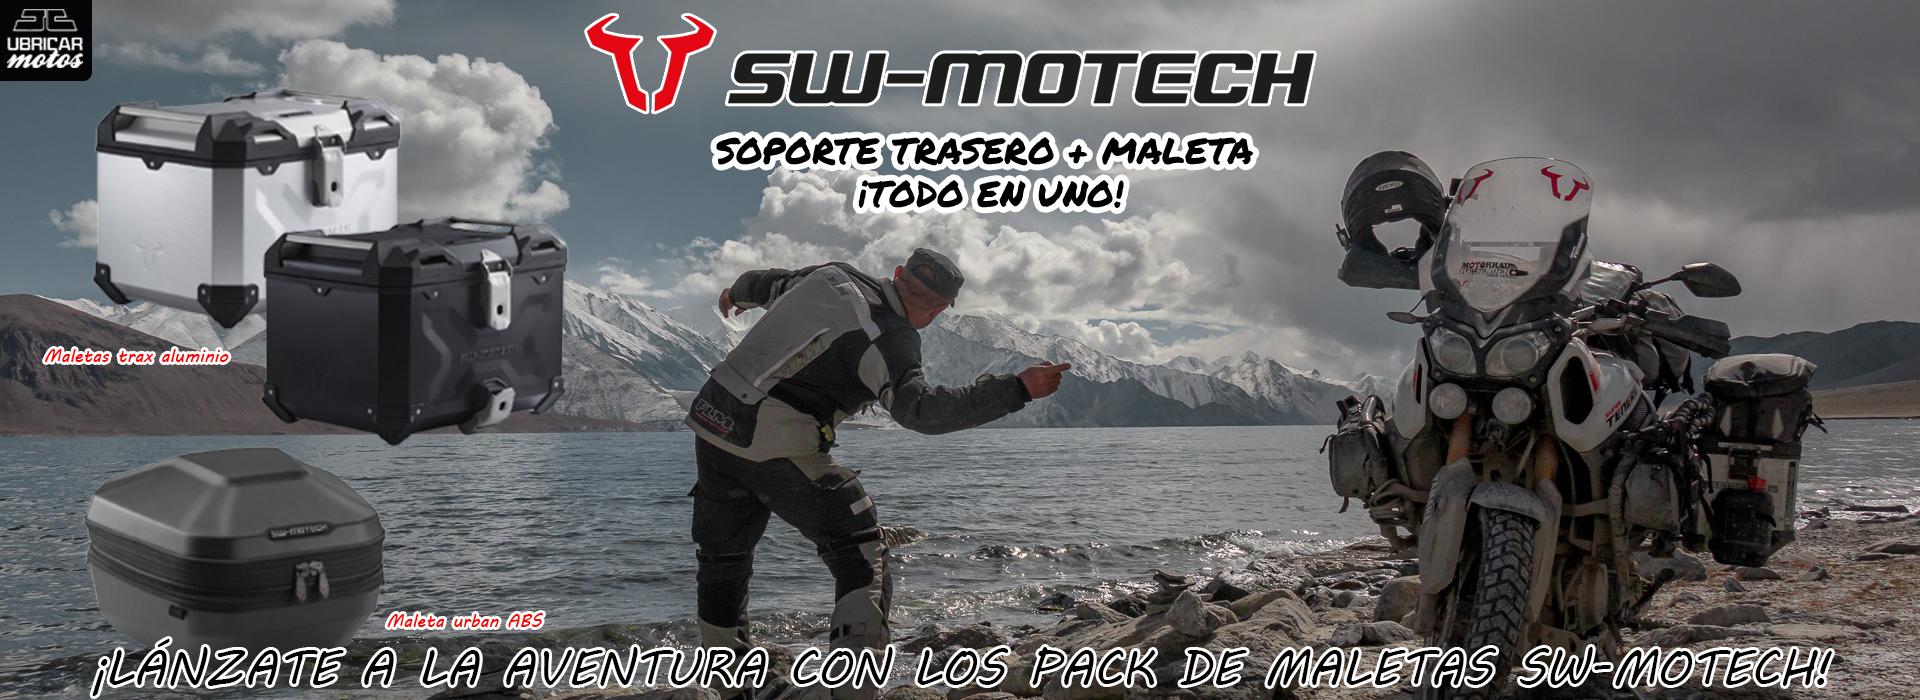 Kits de maletas superiores y soportes SW-MOTECH